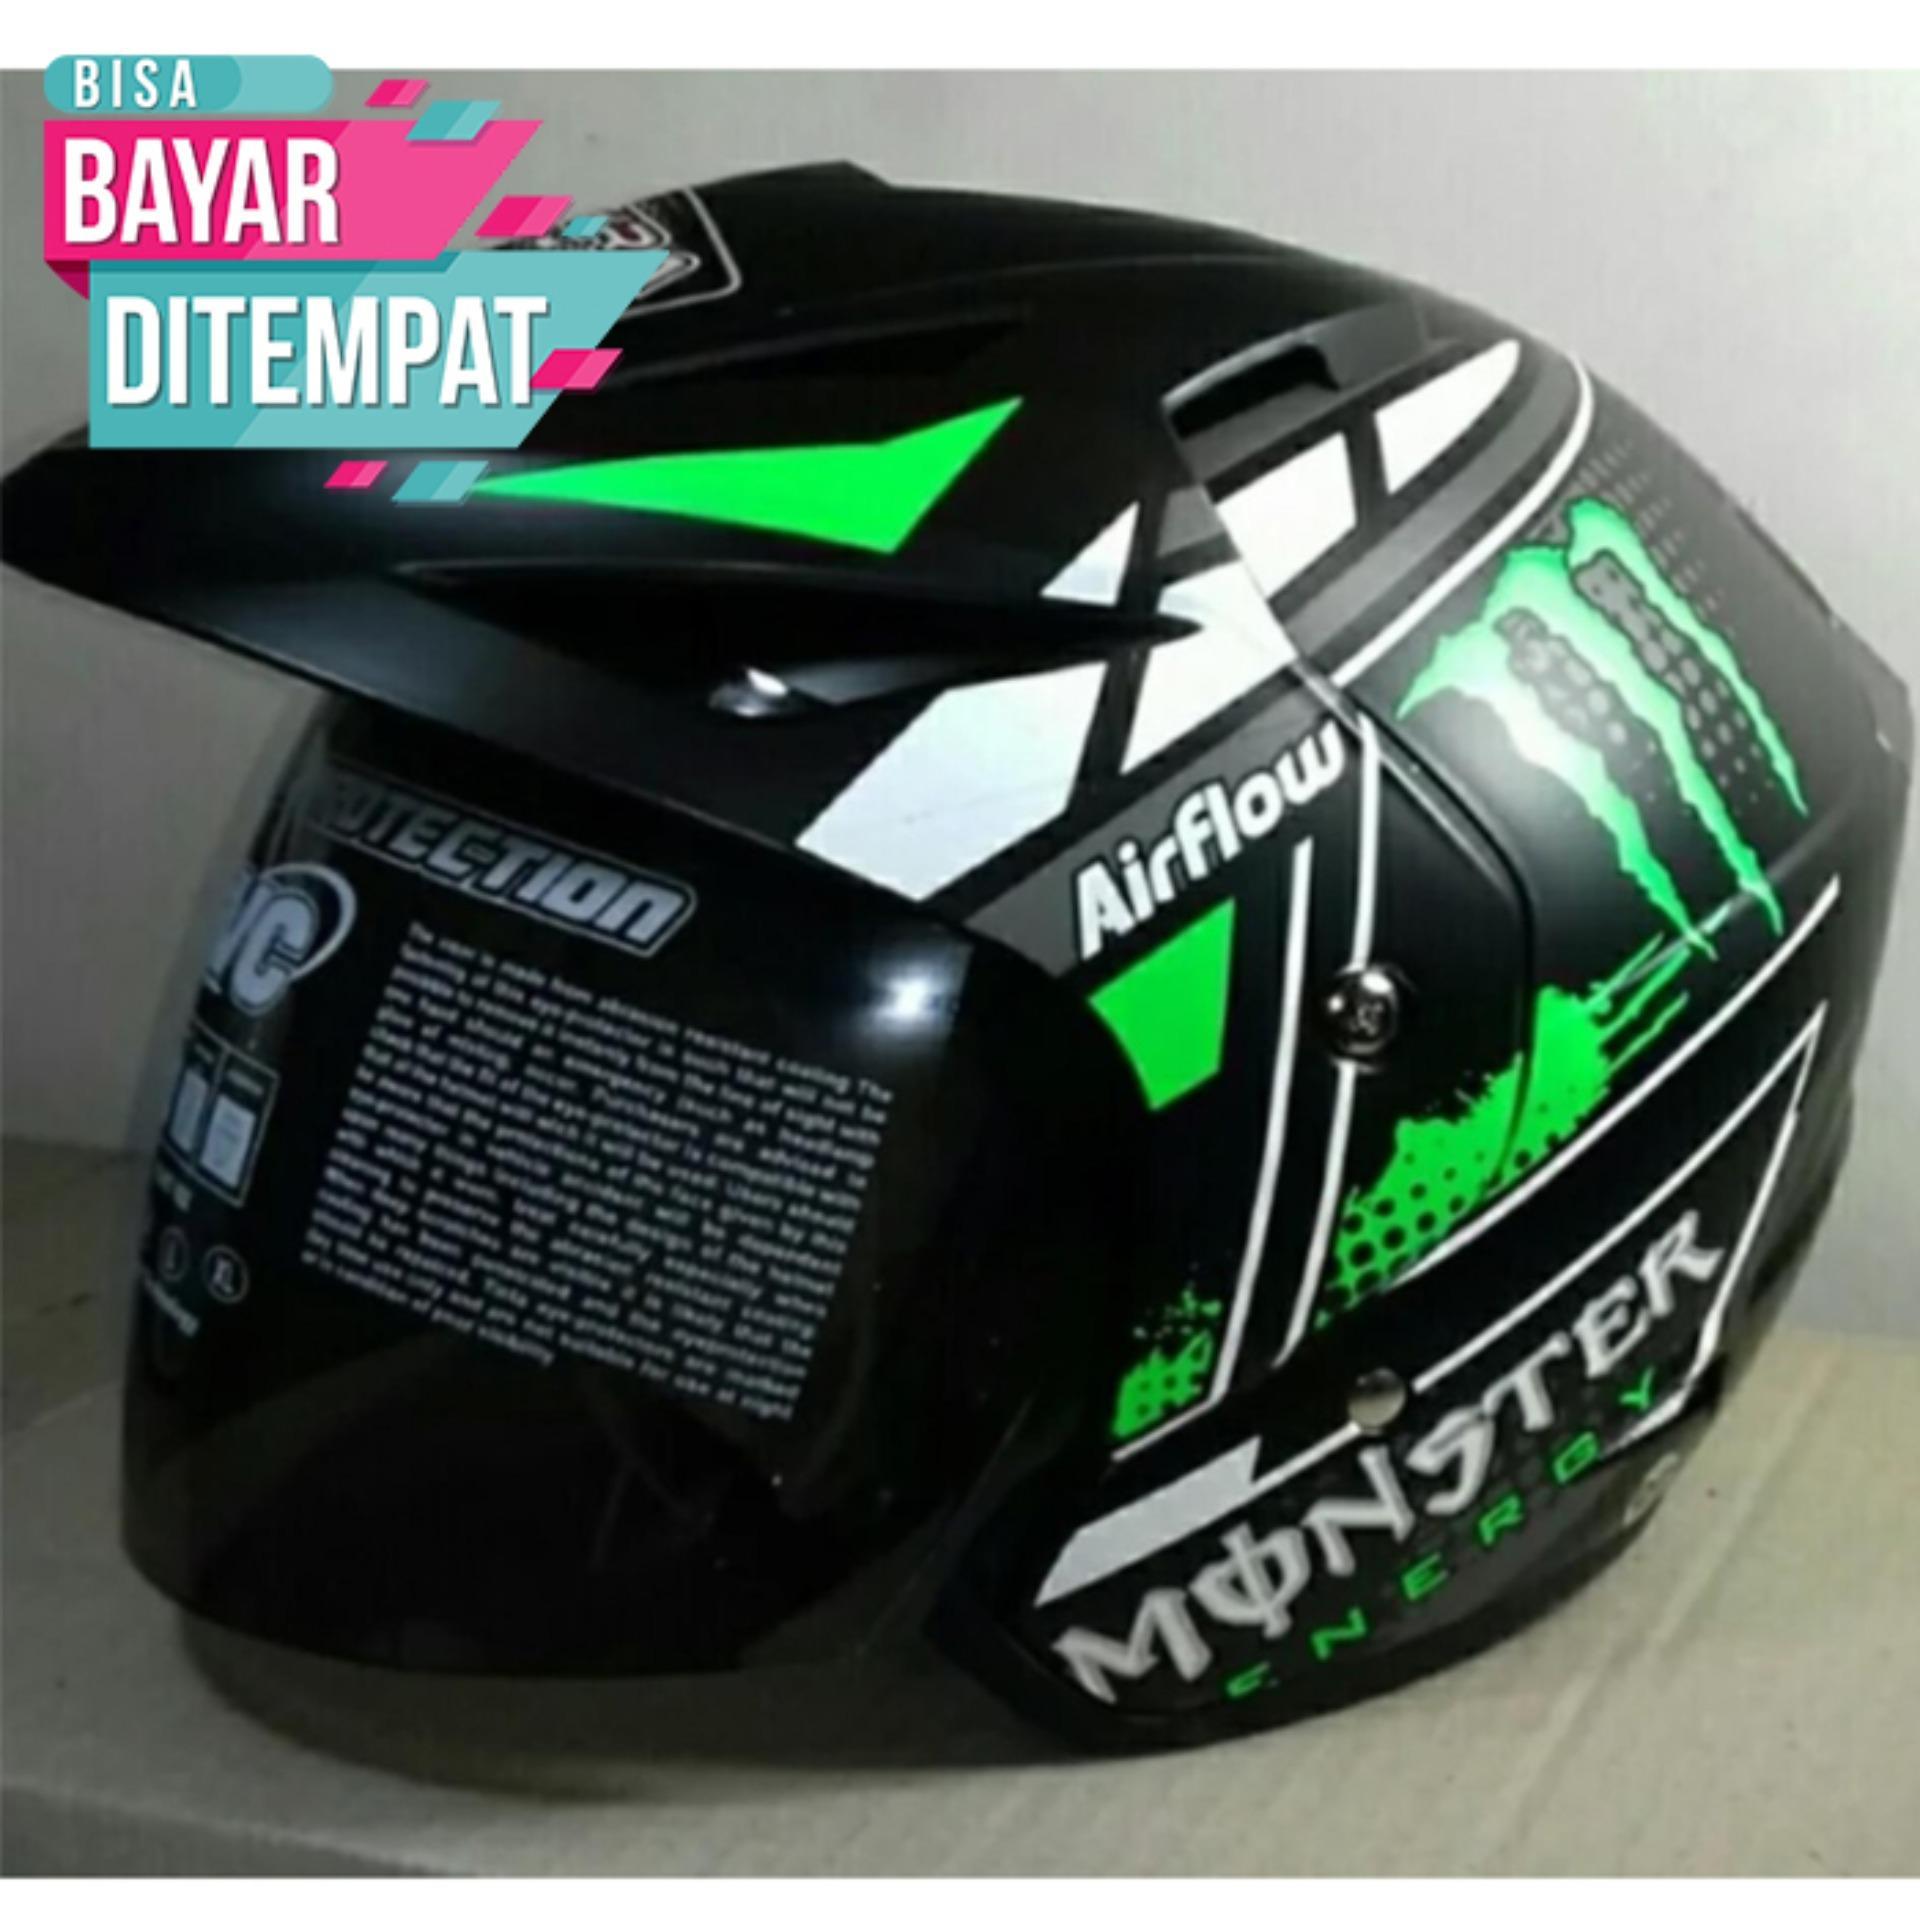 [Promo Best Seller] Helmet Club Bola Sudah SNI Warna Hitam List Hijau Kualitas Setara helm KYT INK GM WTO MSR BMC NHK